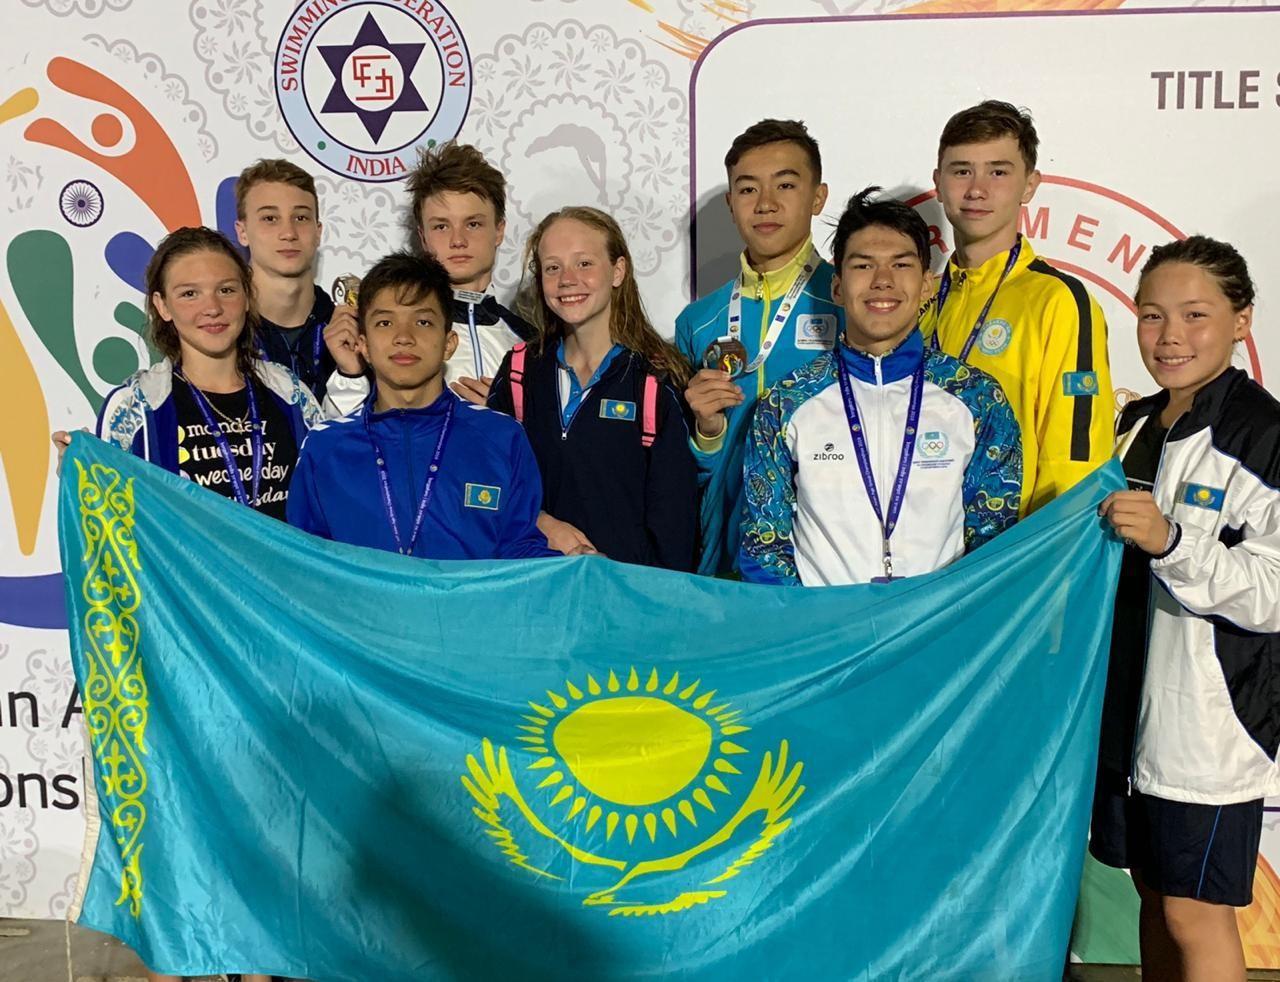 Су спорты түрлерінен Азия чемпионатынан тағы төрт медаль алдық